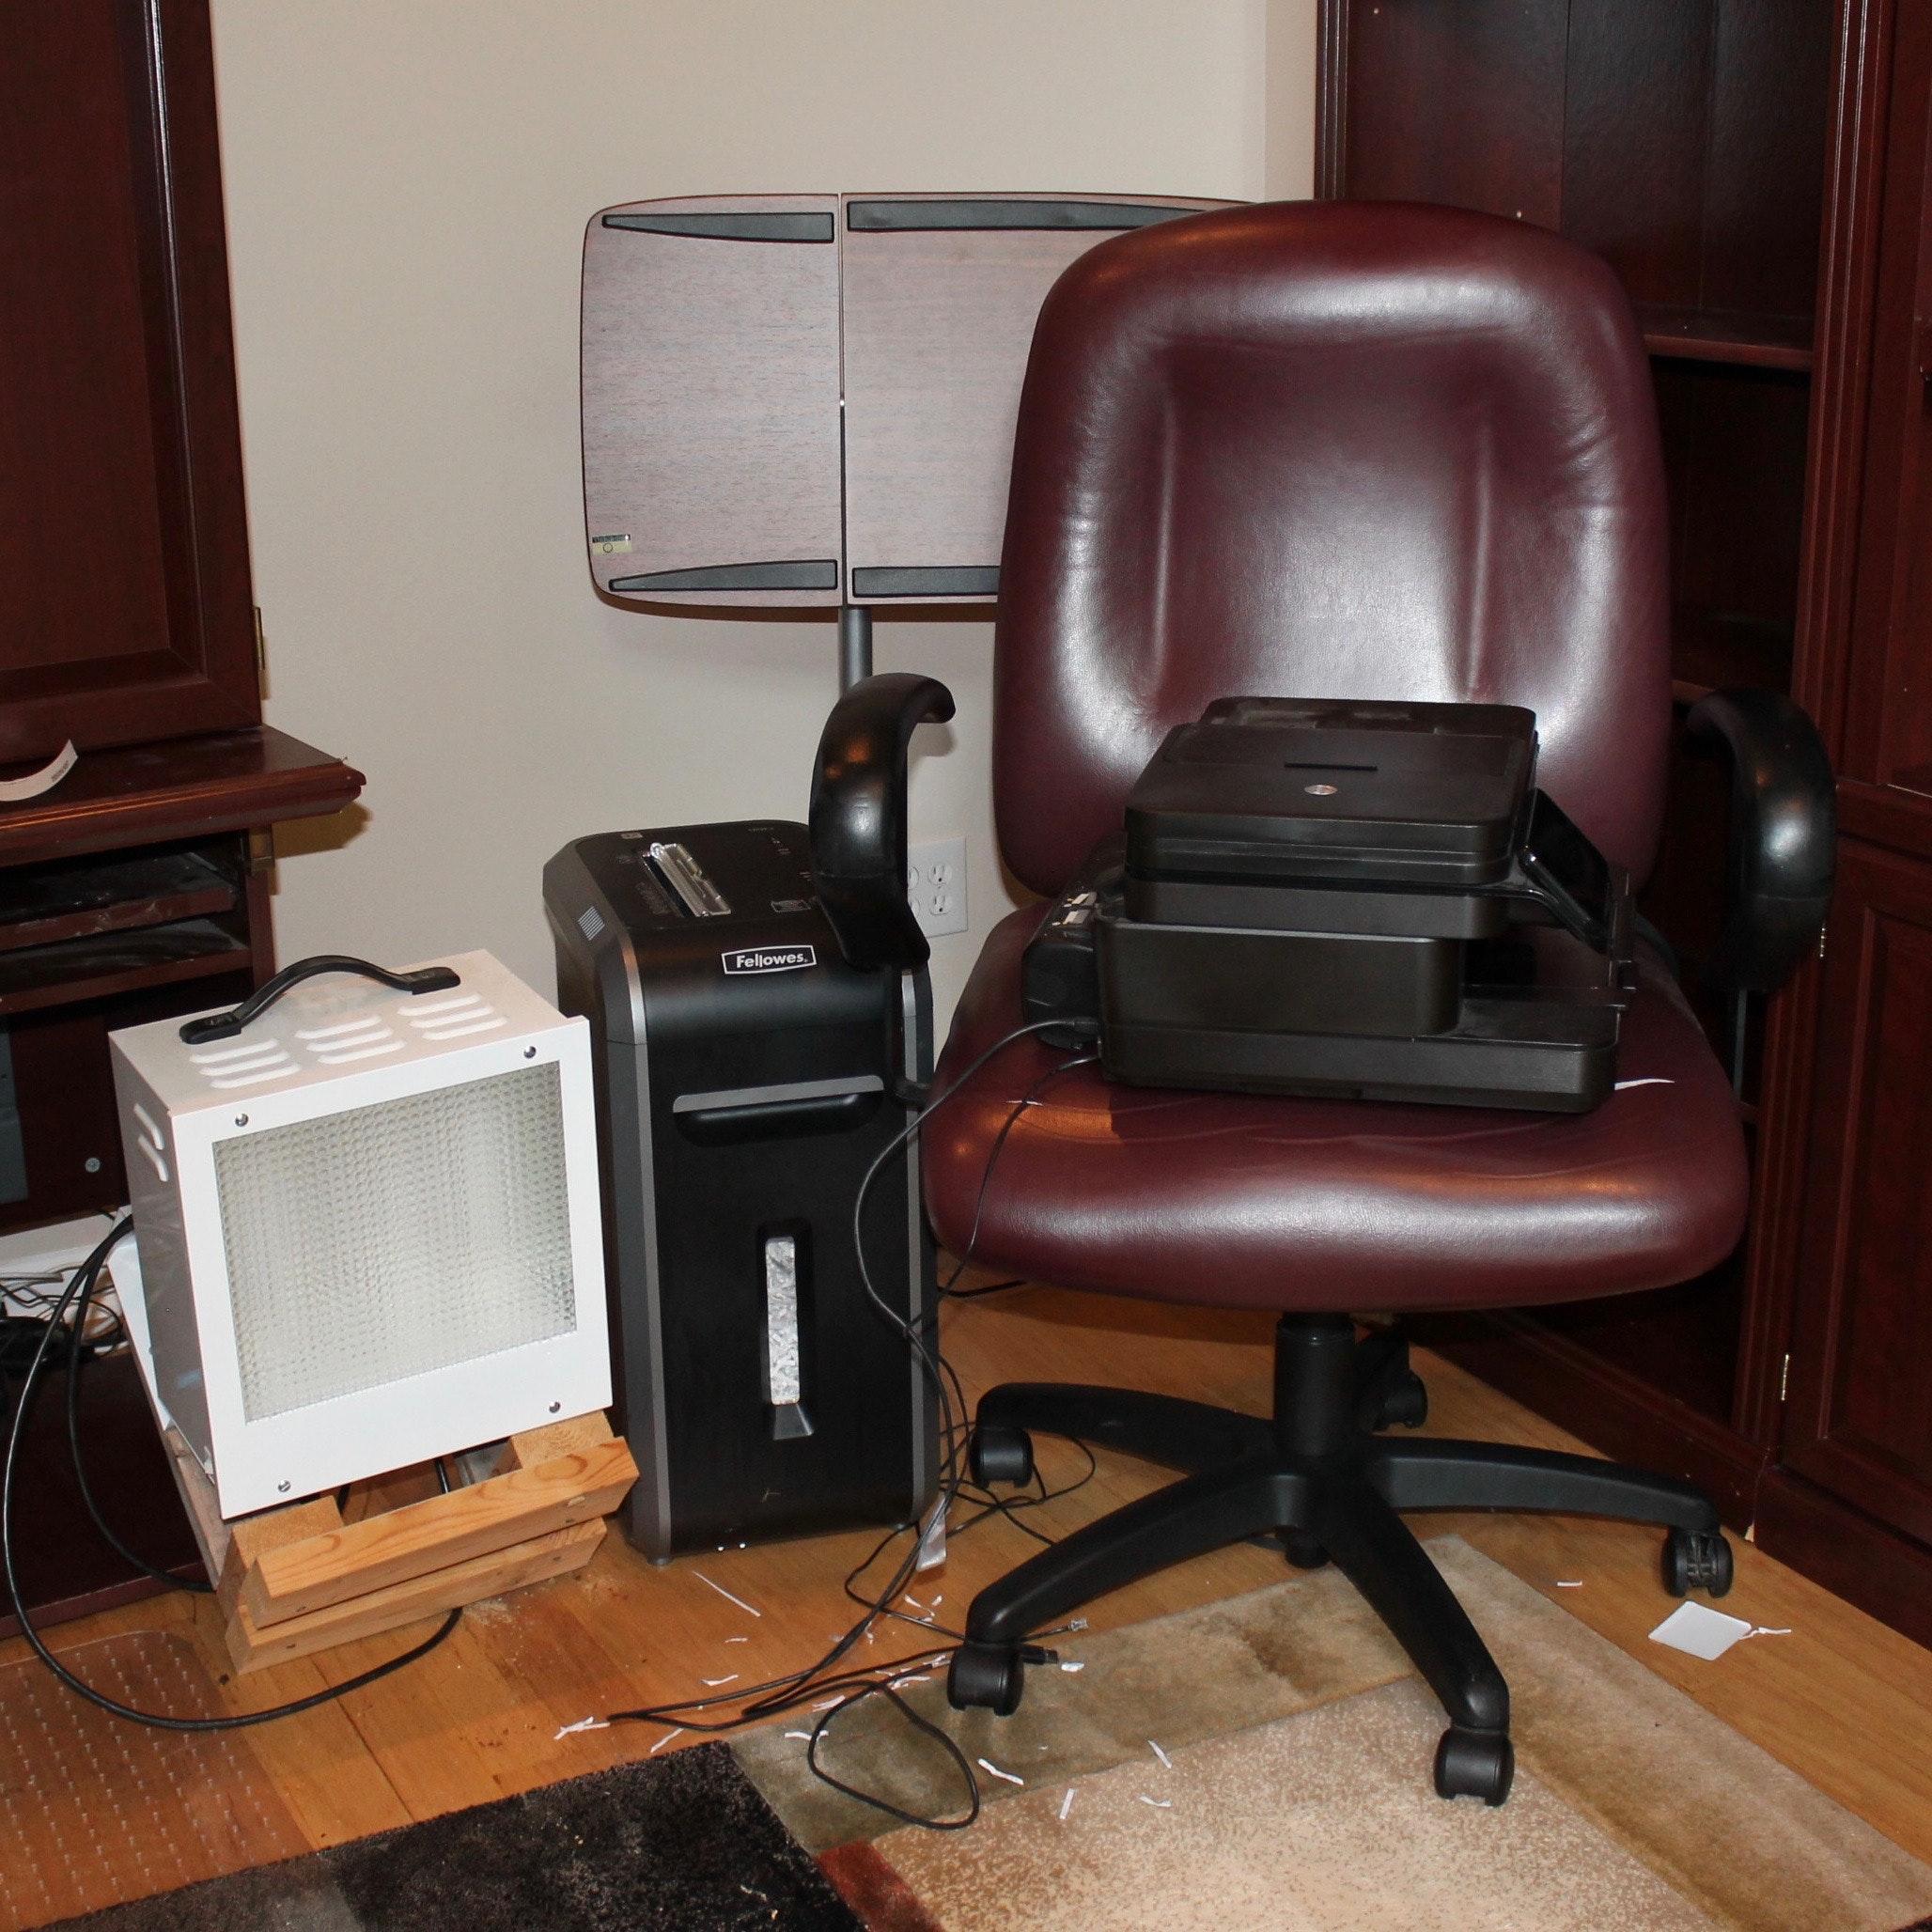 Standing Desk, Office Chair, Paper Shredder, Printer, and UV Lamp